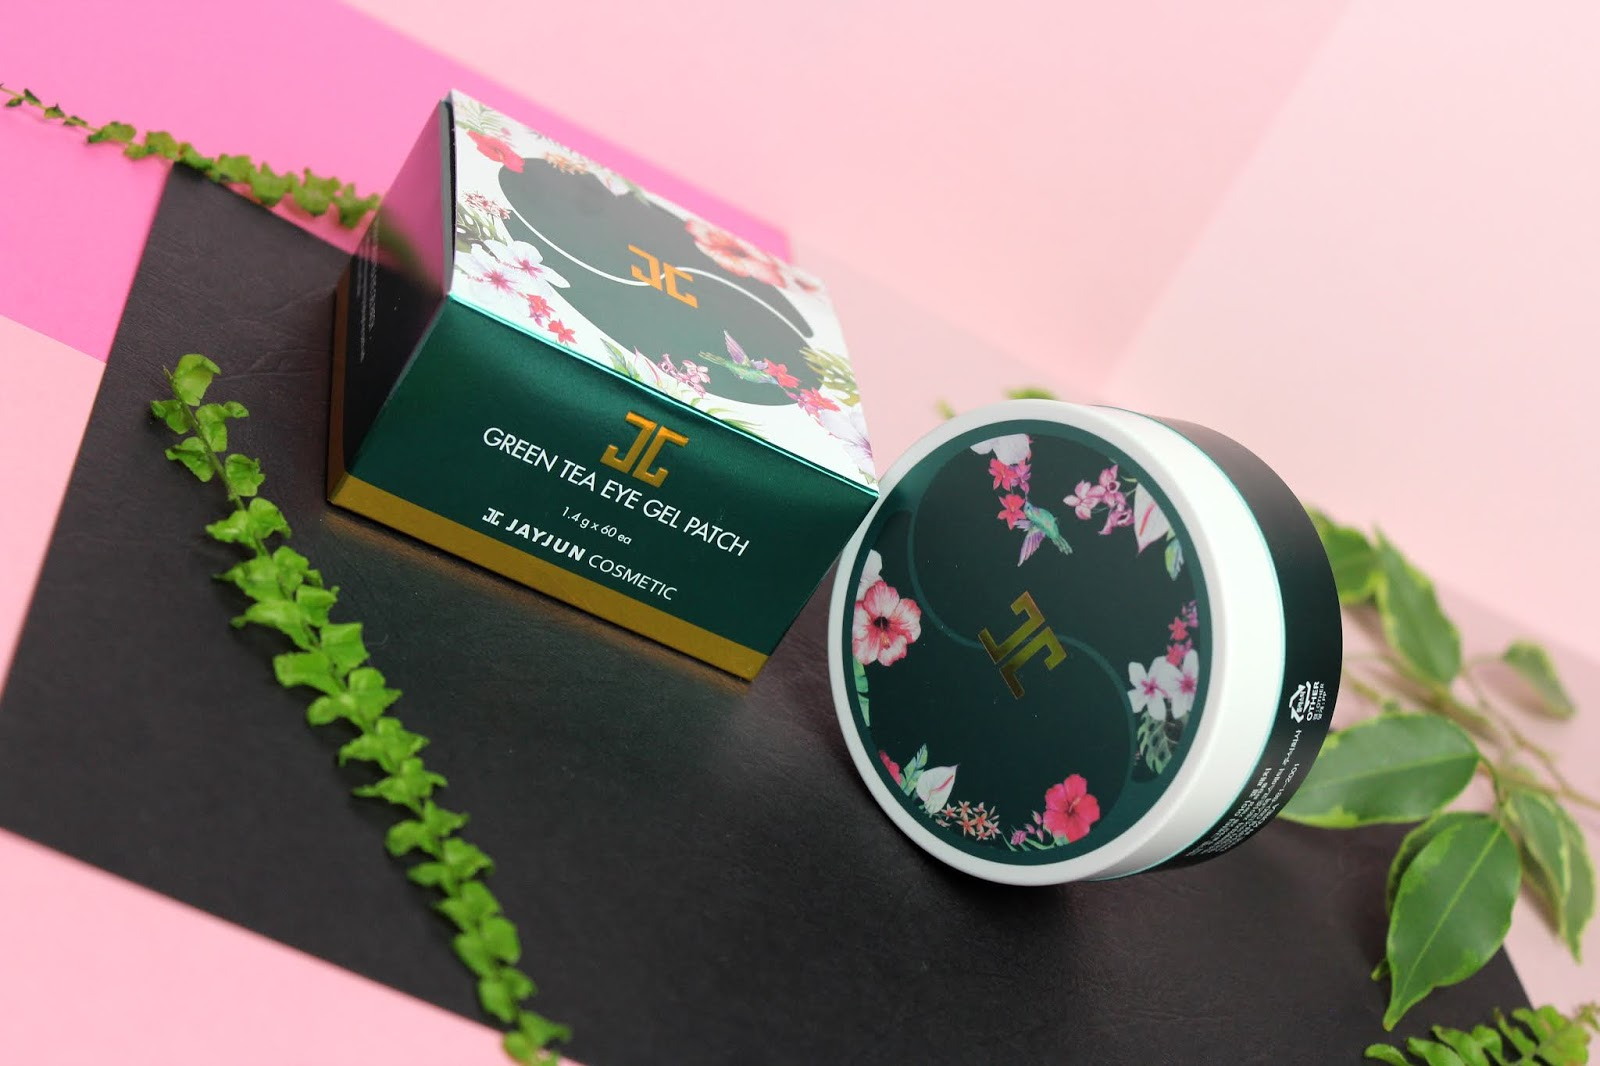 JAYJUN, Green Tea Eye Gel Patch, Hydrożelowe płatki pod oczy, zielona herbata